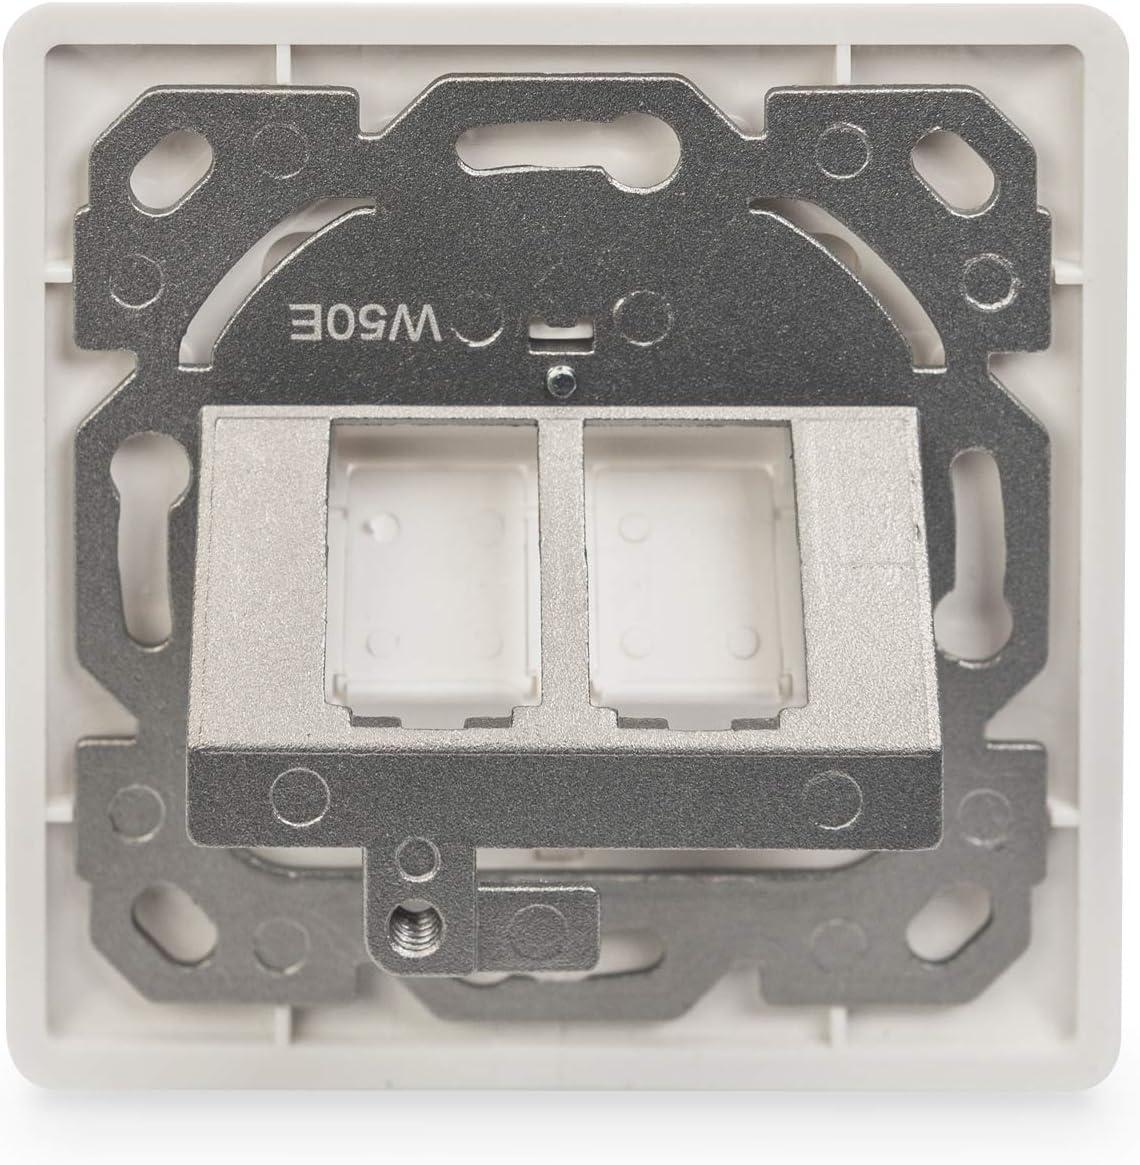 Digitus Anschlussdose Für Keystone Modul 2 Port Computer Zubehör